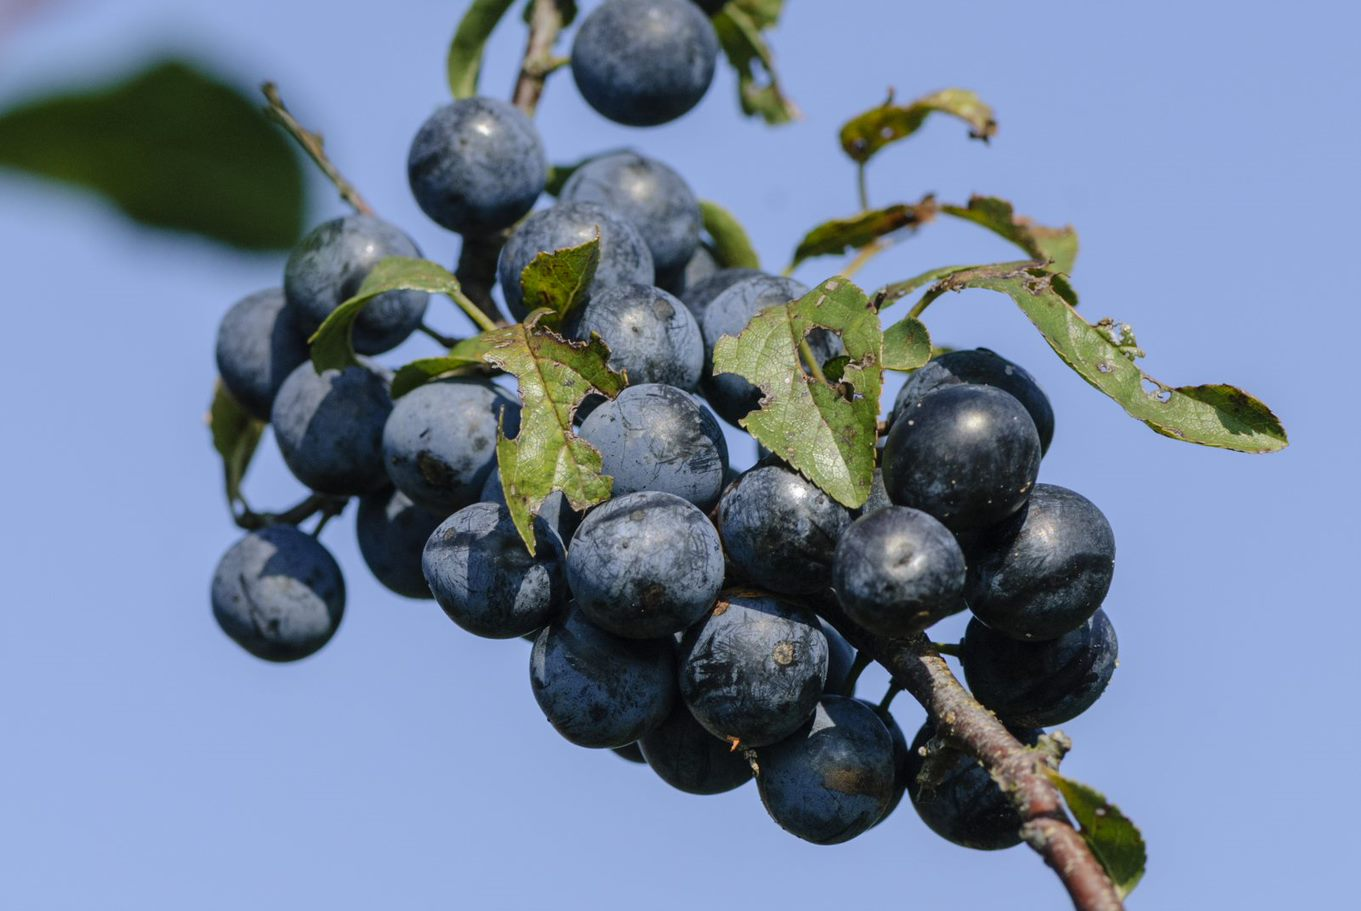 Afbeelding met fruit, druif  Automatisch gegenereerde beschrijving